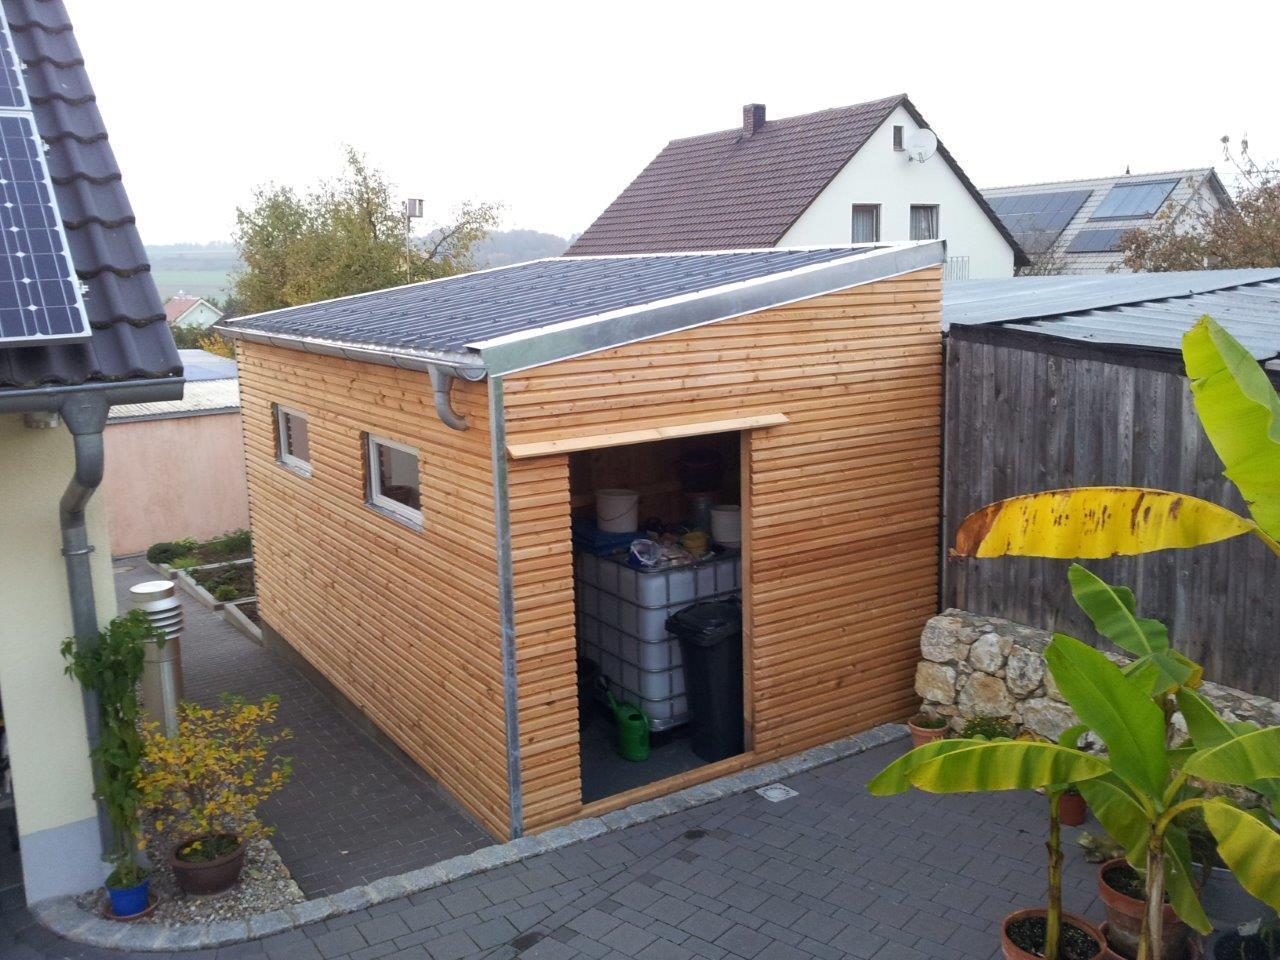 holzfassade rhombus aufbau unbehandeltes holz f r terrasse fassade und ausbau fassade laerche. Black Bedroom Furniture Sets. Home Design Ideas